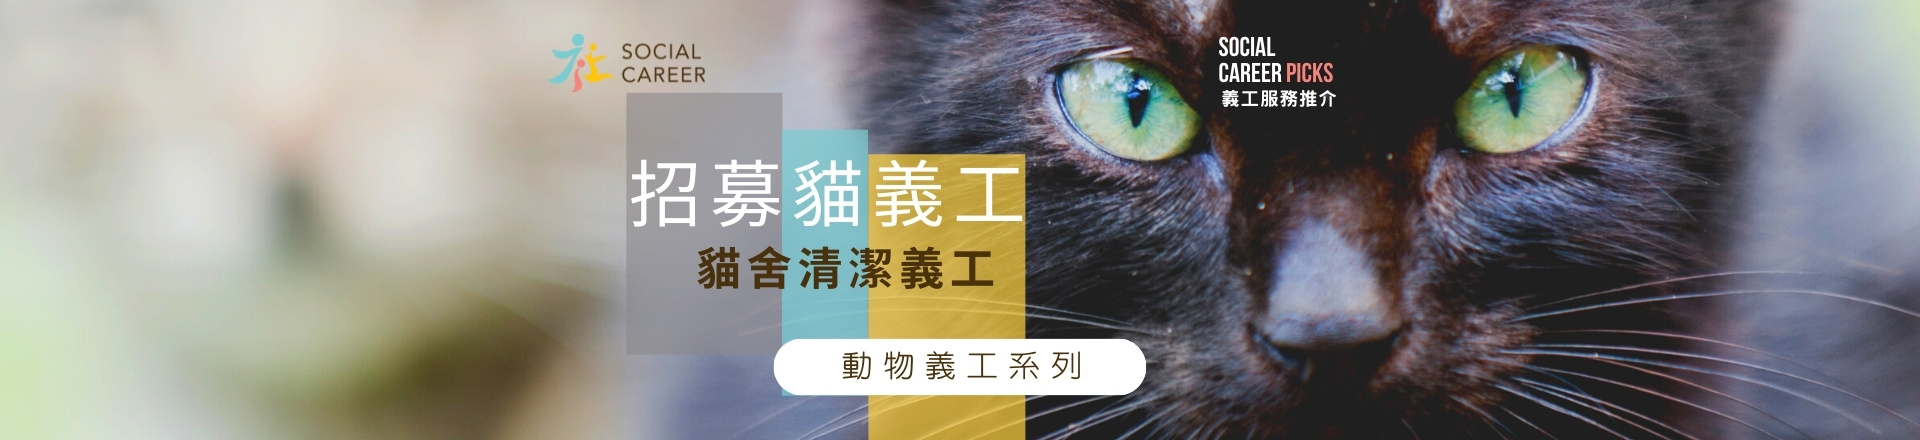 動物義工系列之貓義工招募